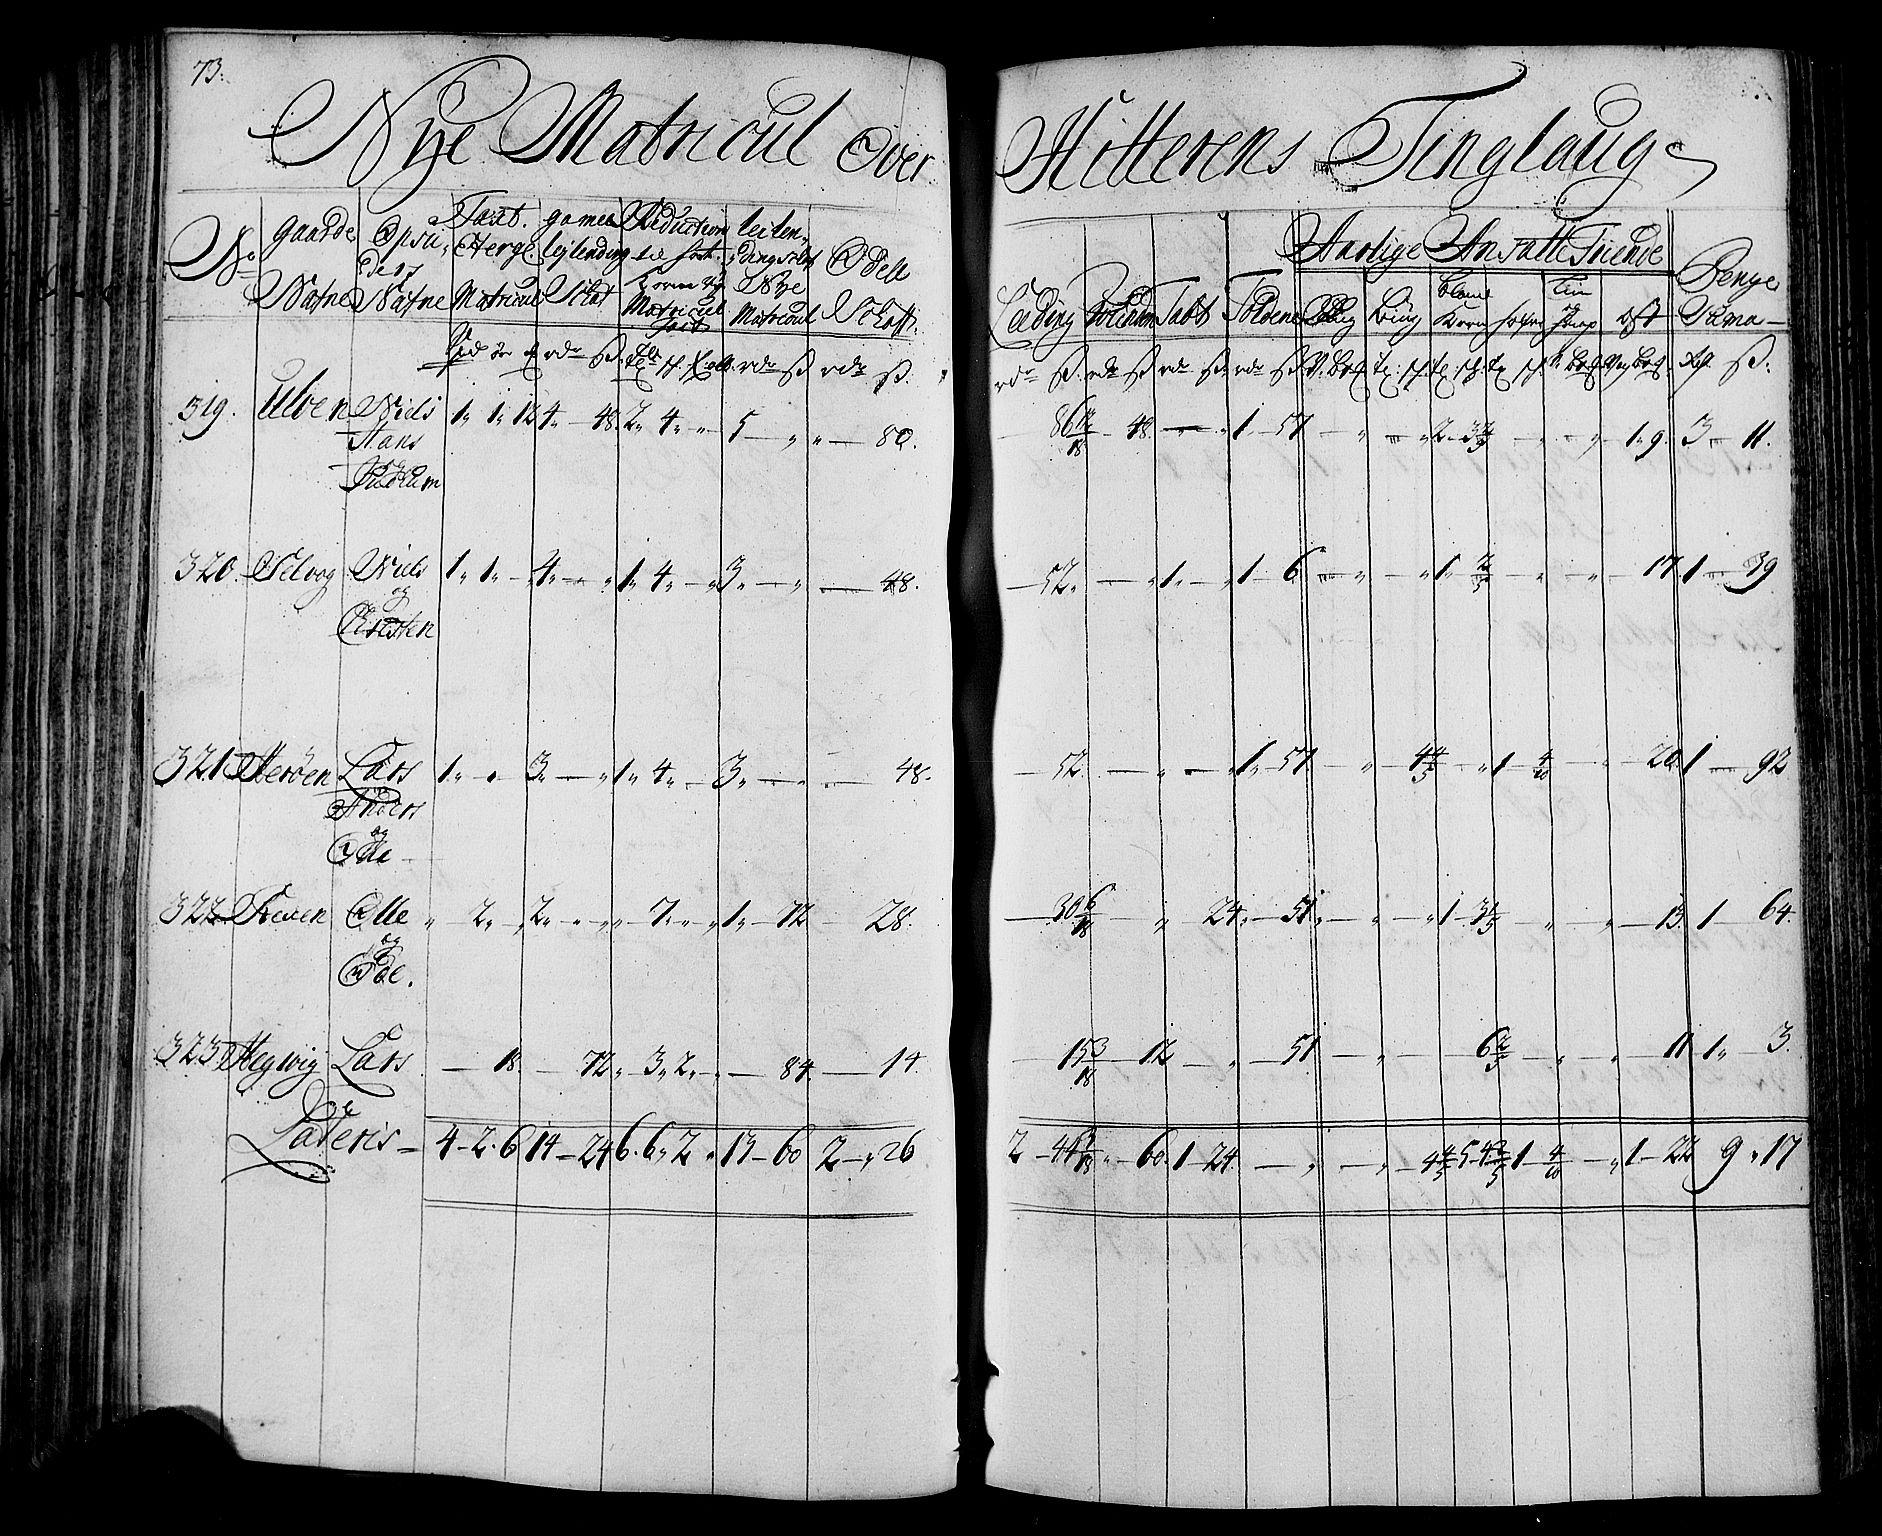 RA, Rentekammeret inntil 1814, Realistisk ordnet avdeling, N/Nb/Nbf/L0163: Fosen matrikkelprotokoll, 1723, s. 73